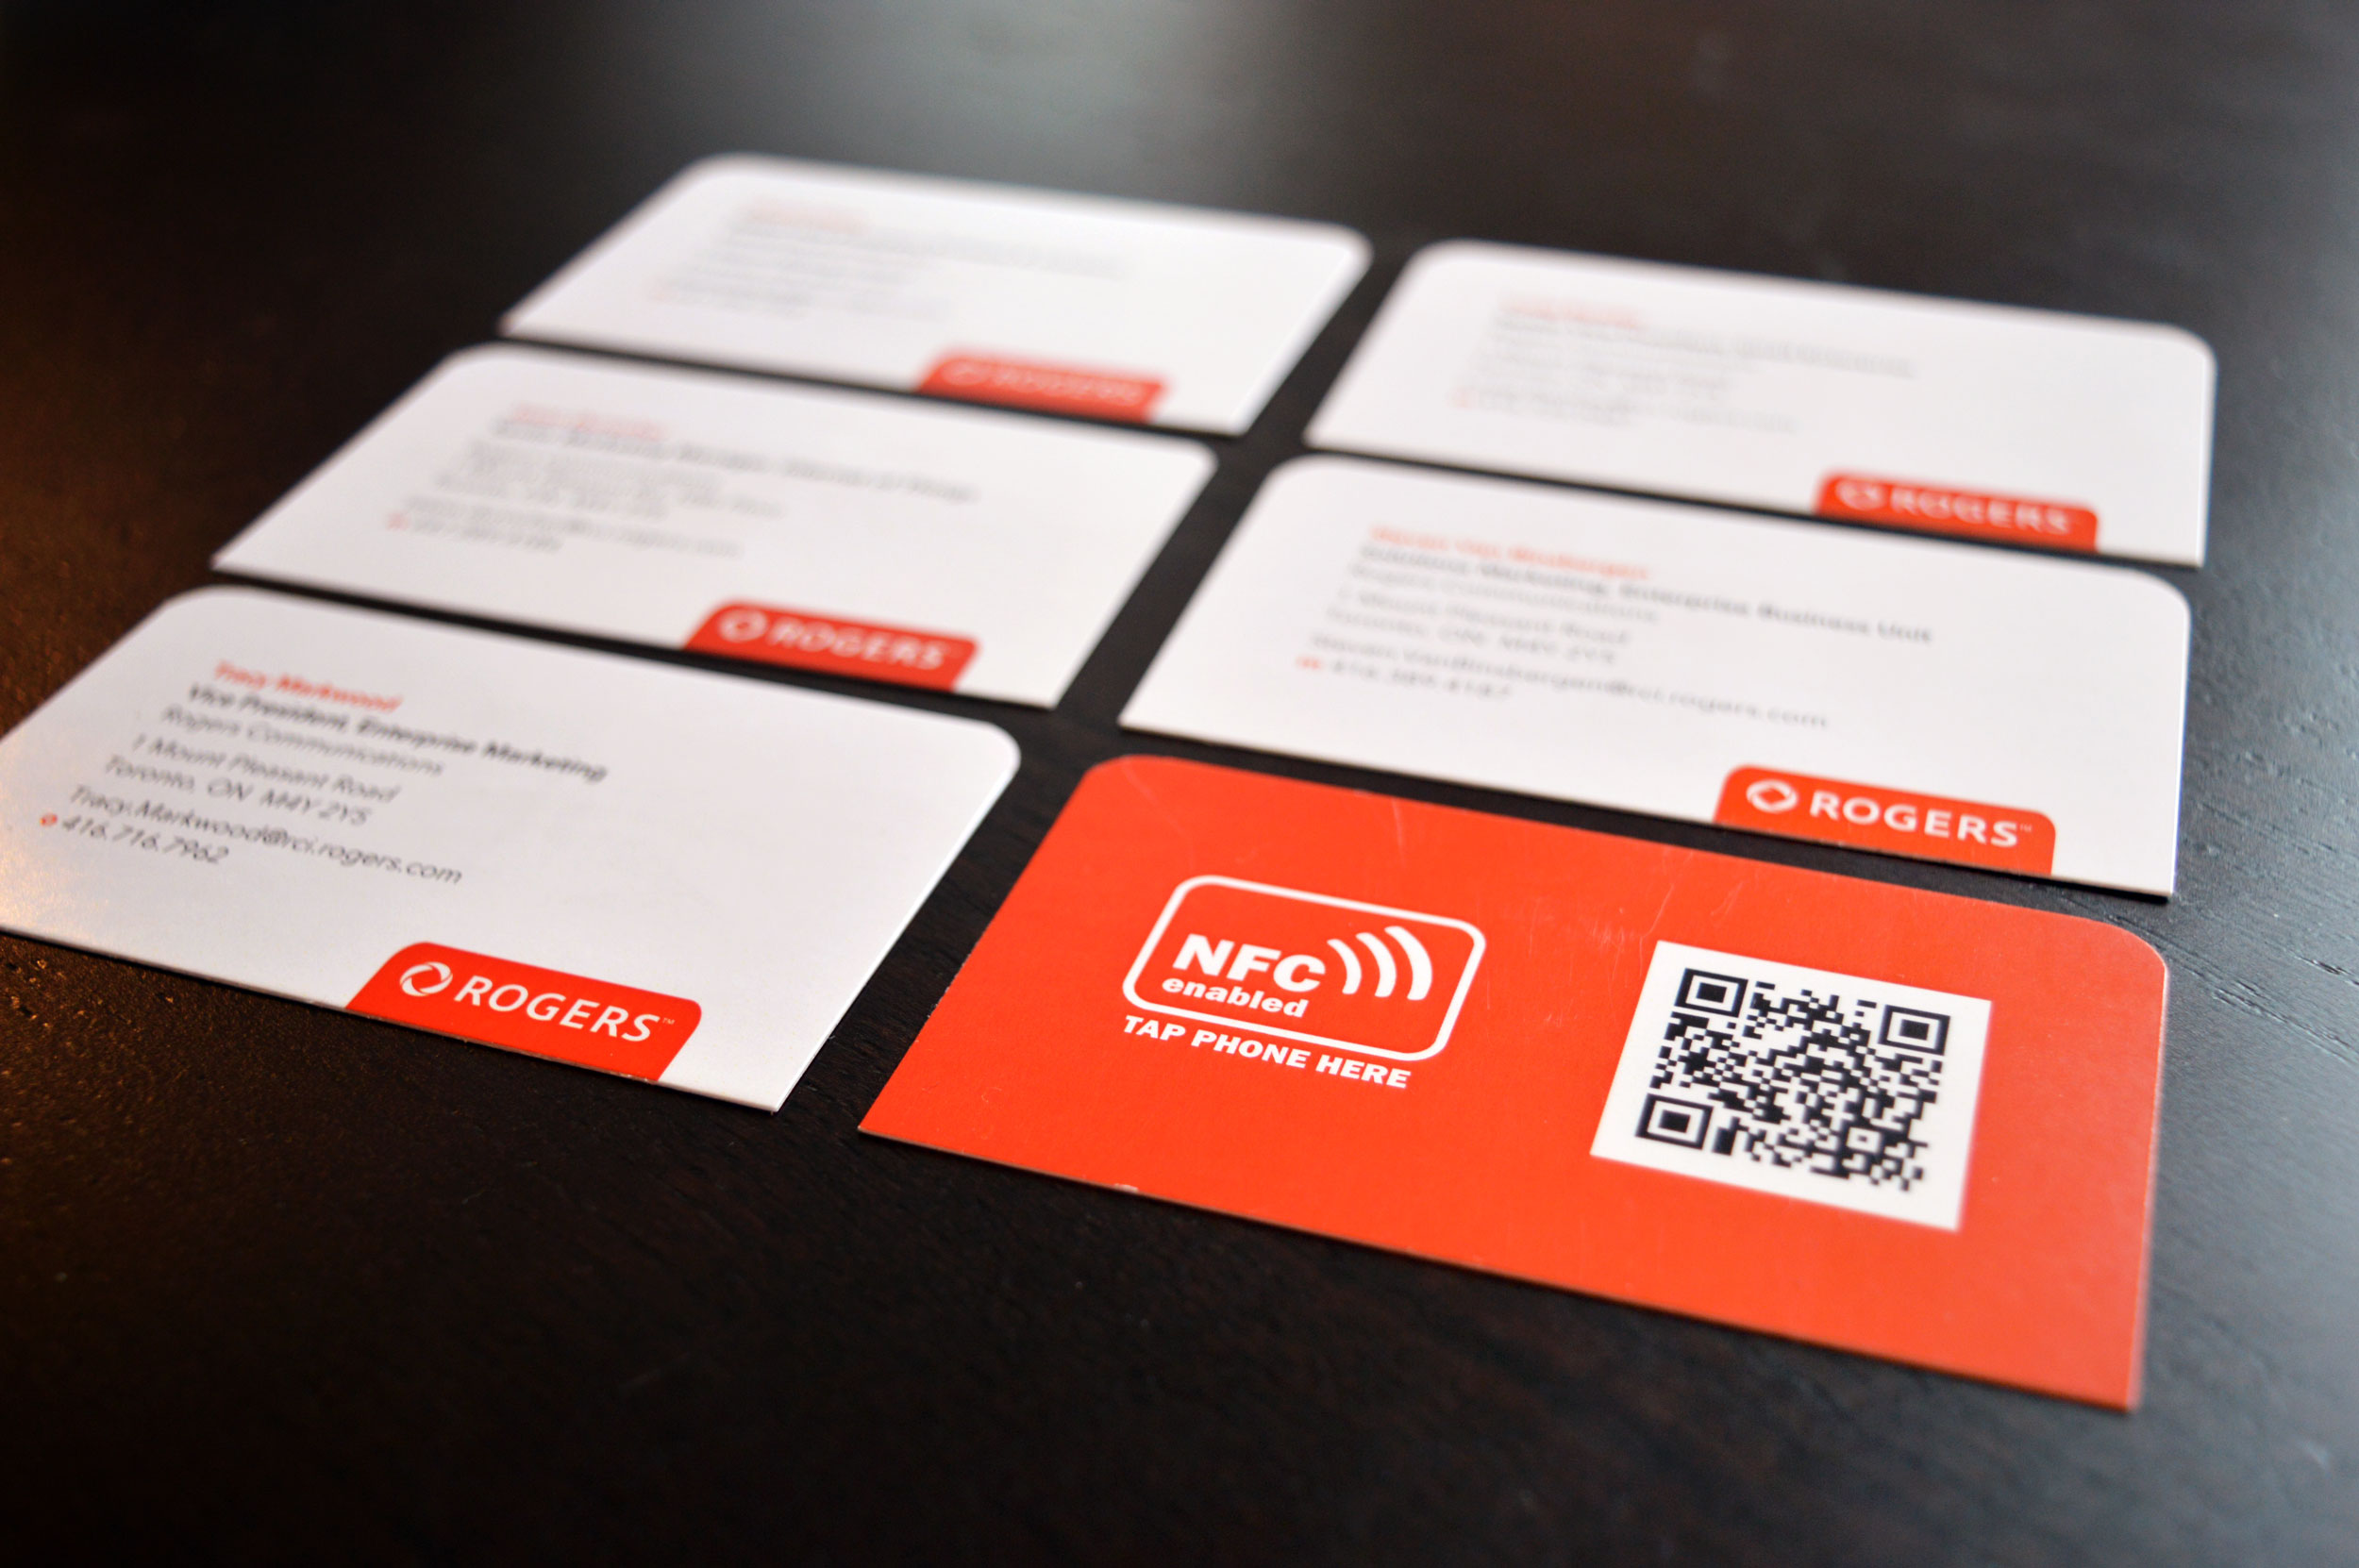 nfc-cards-1 (1)